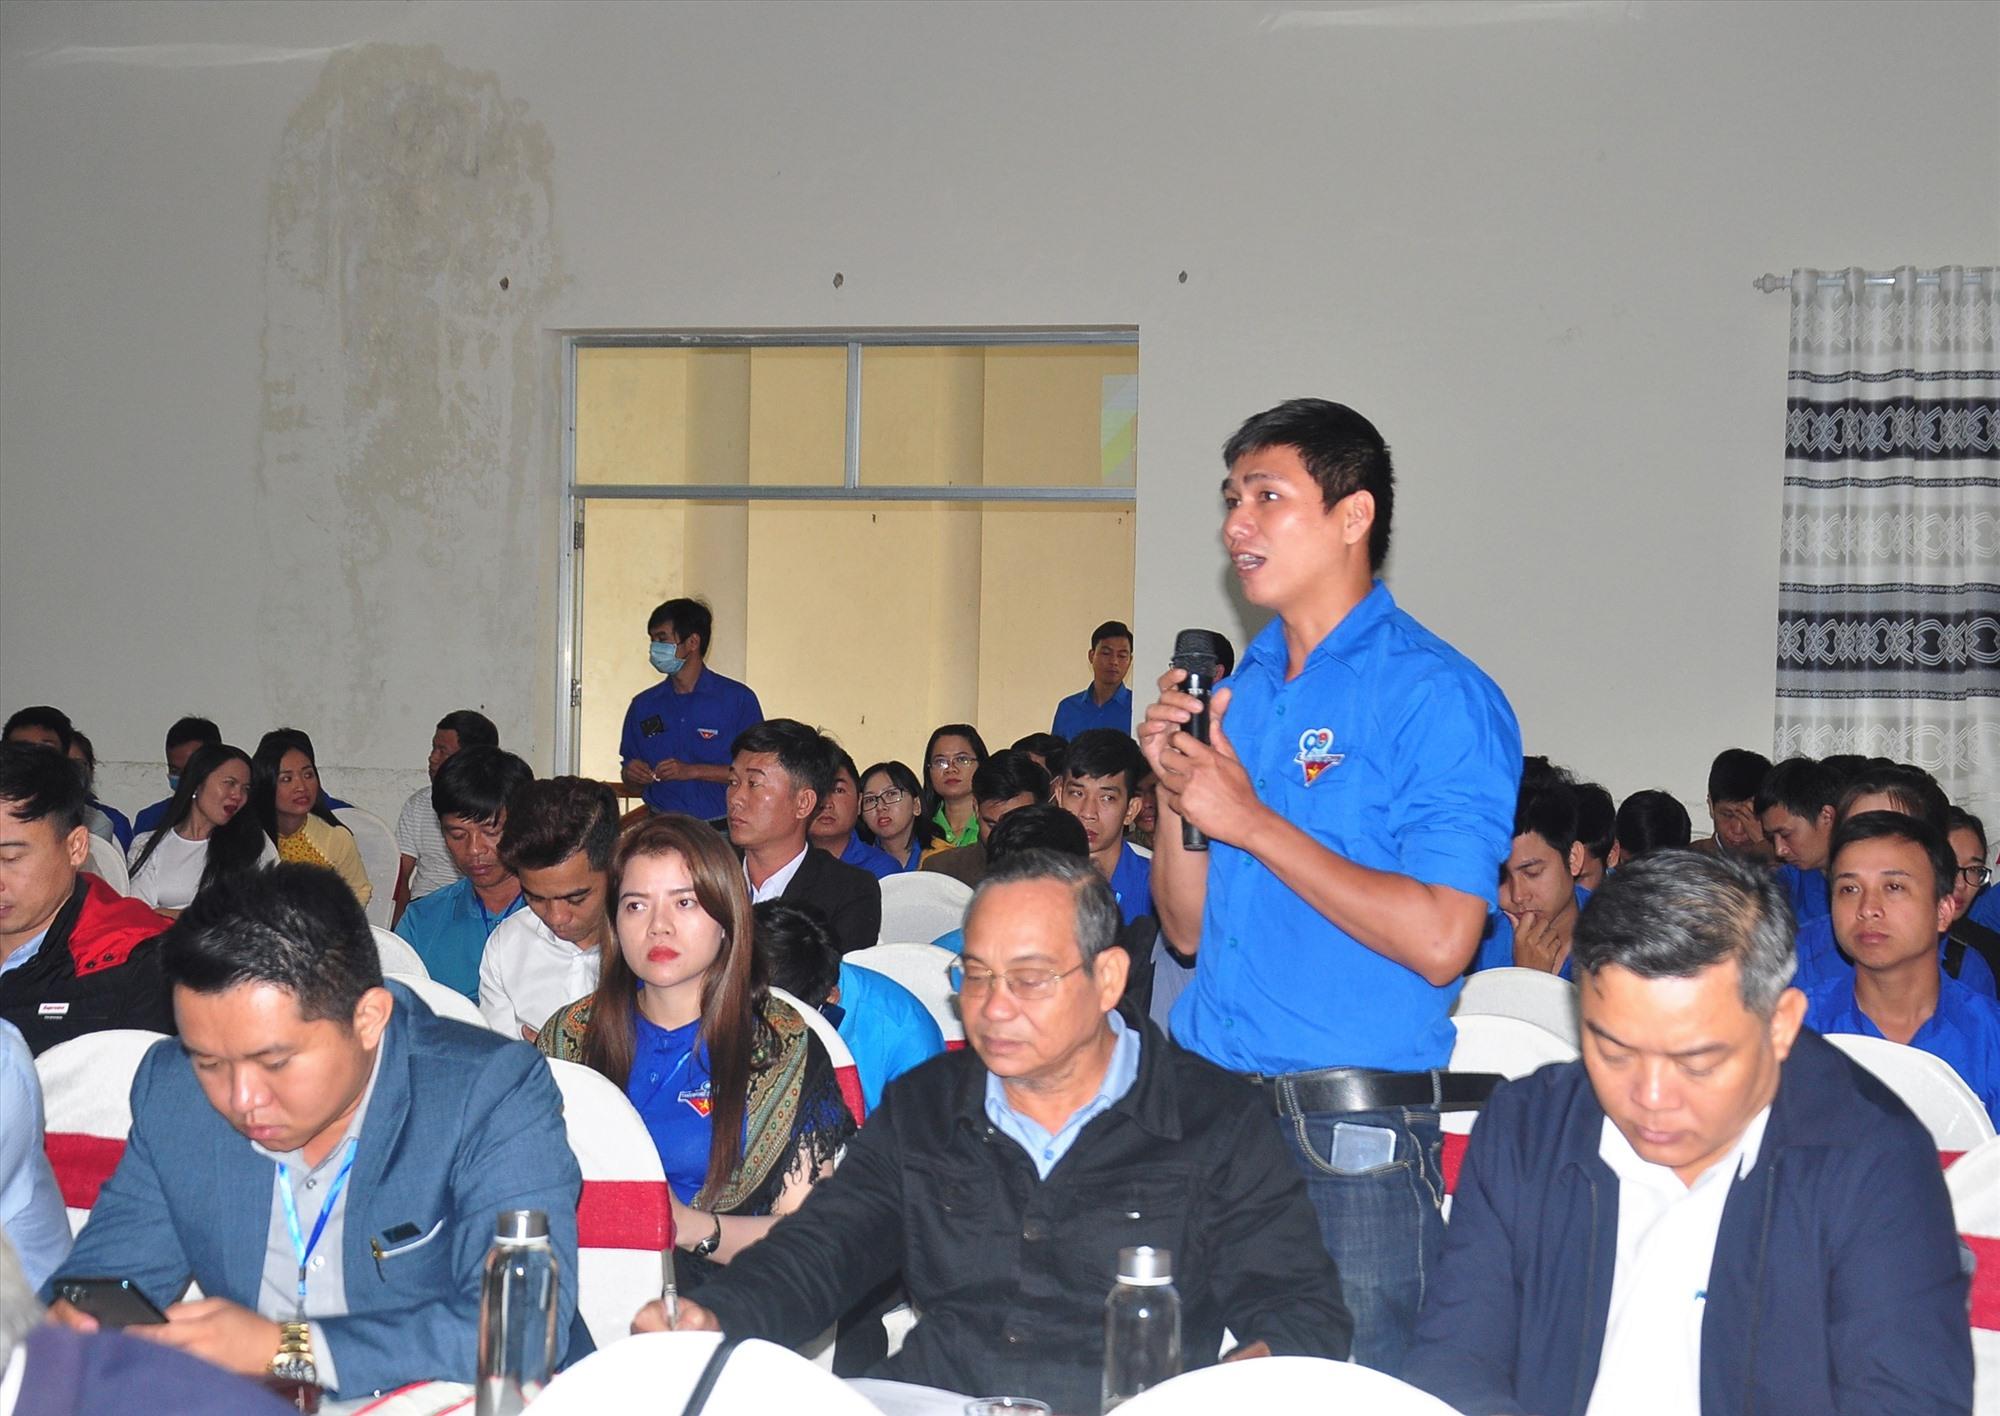 Thanh niên khởi nghiệp đặt câu hỏi với Chủ tịch UBND tỉnh Lê Trí Thanh. Ảnh: CÔNG VINH